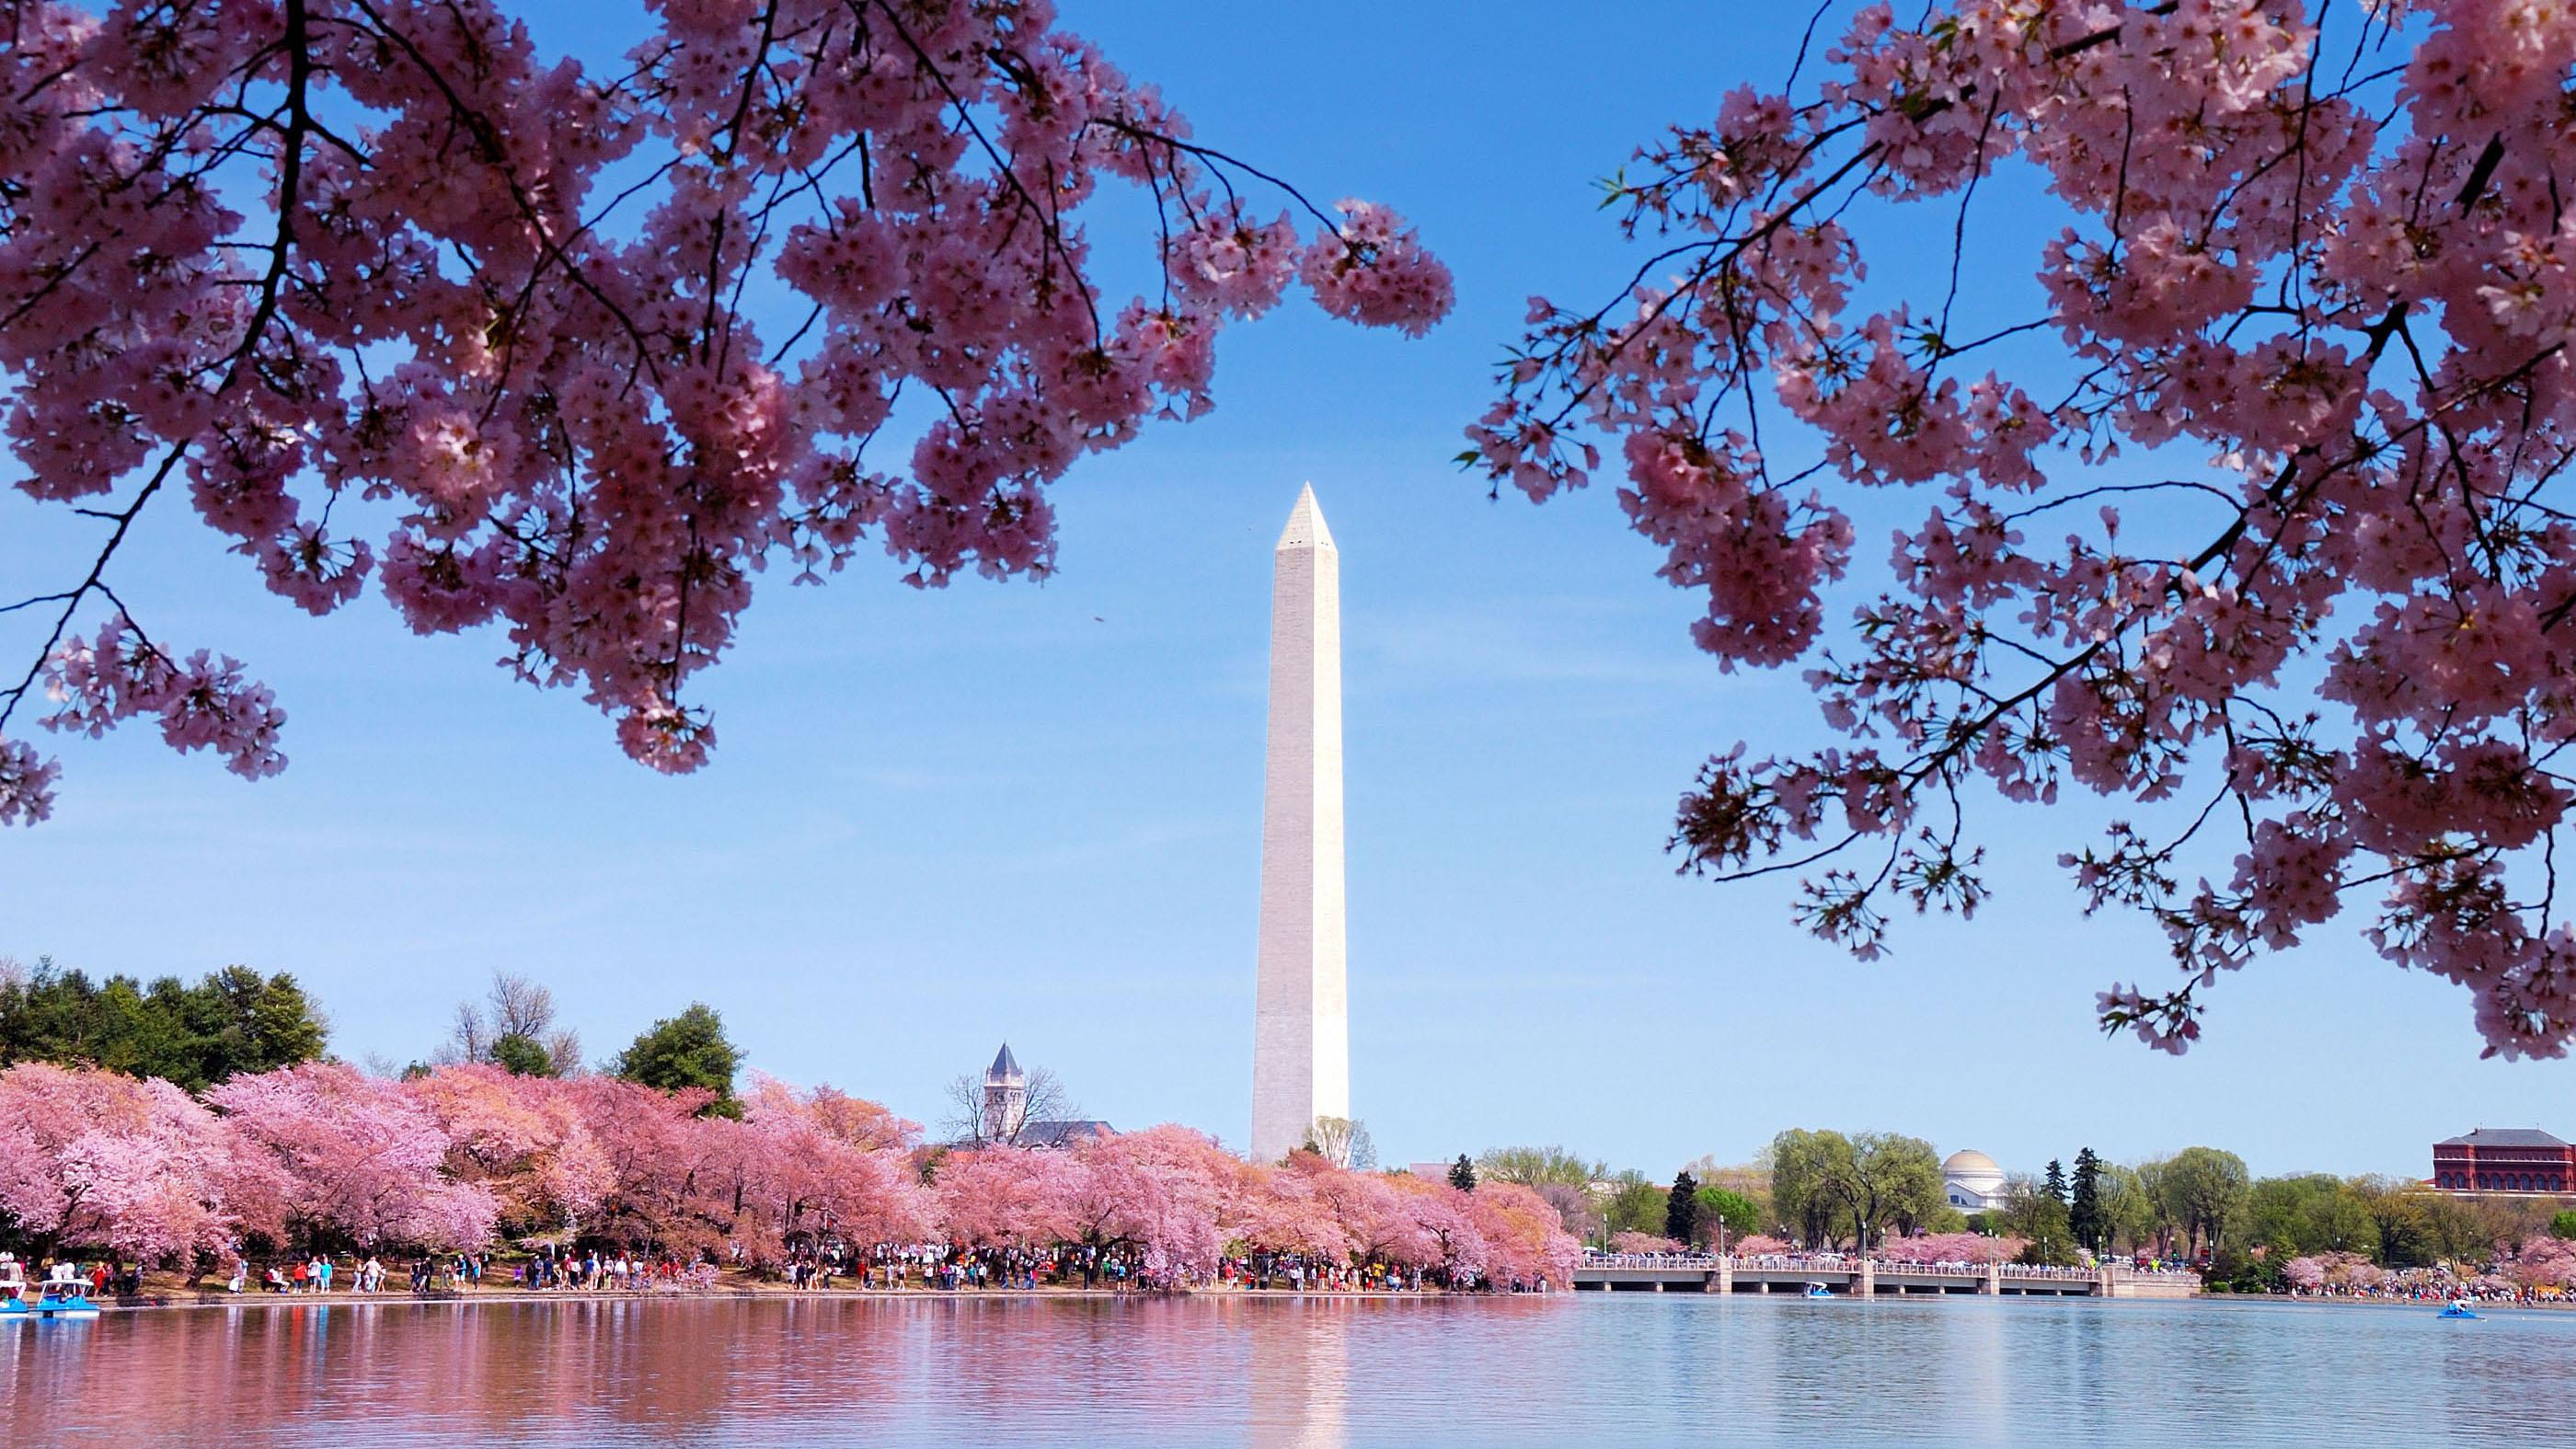 Washington Monument During Cherry Blossom Season, Washington DC, United States